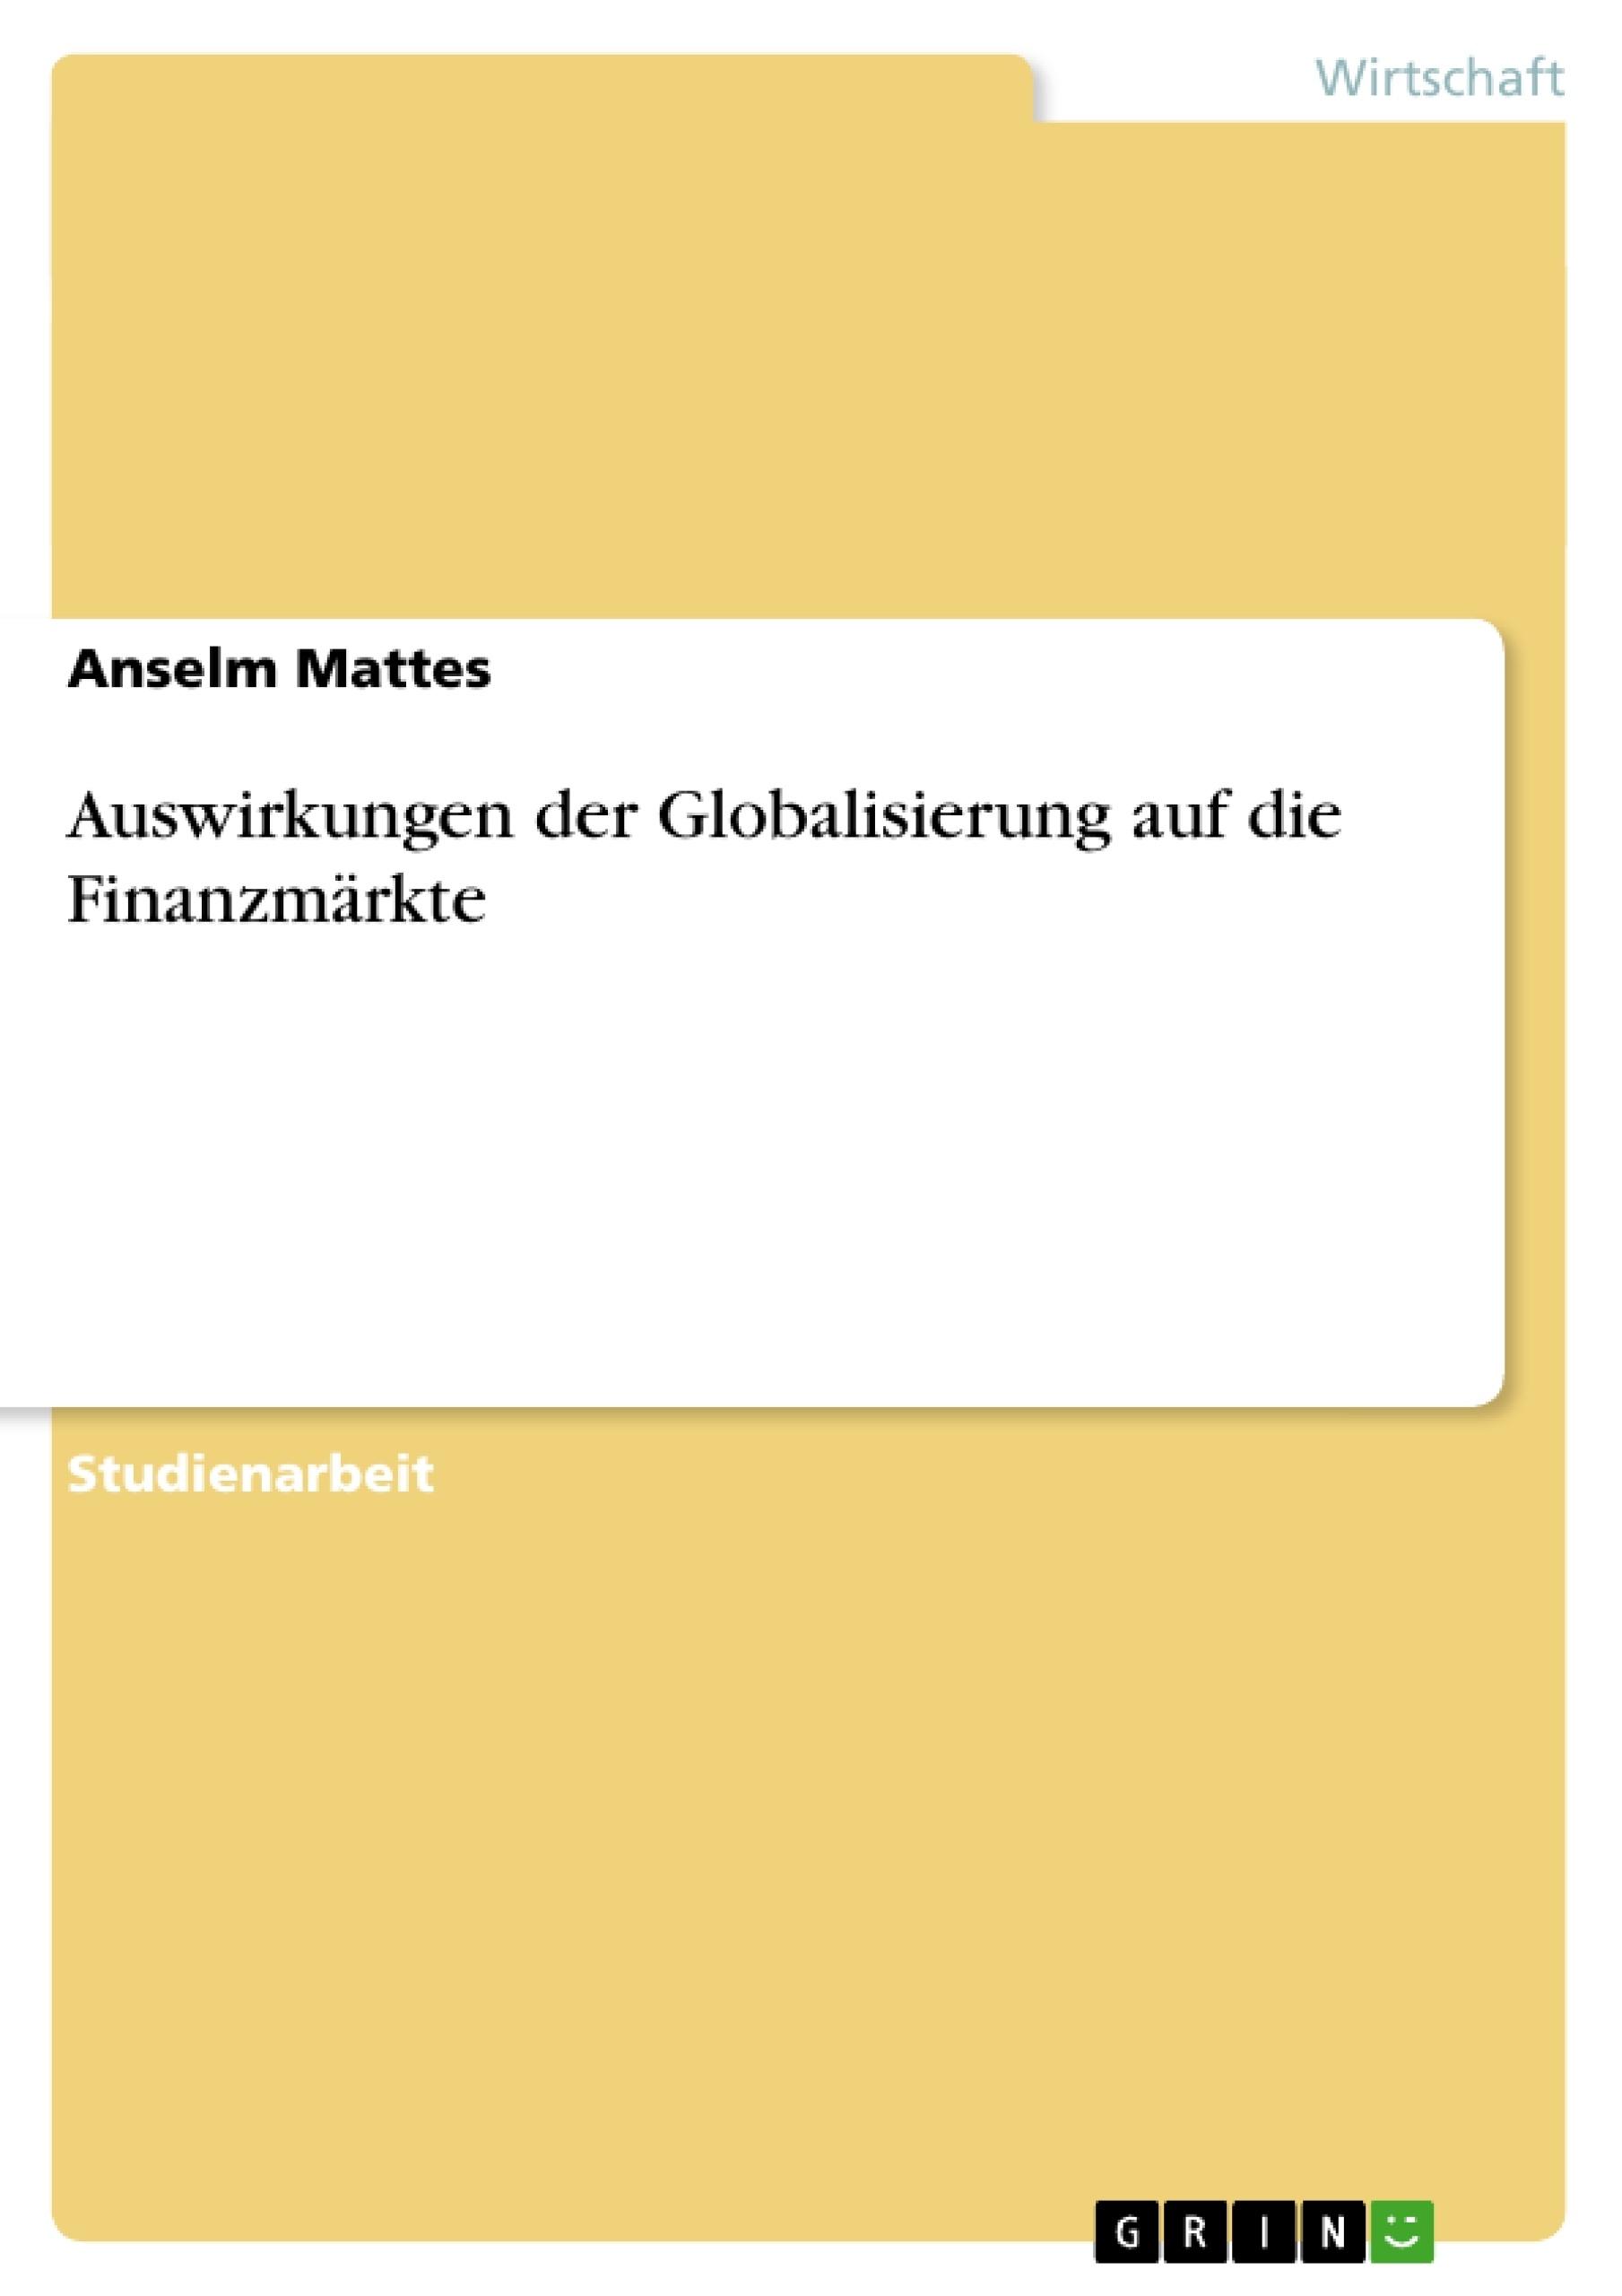 Titel: Auswirkungen der Globalisierung auf die Finanzmärkte